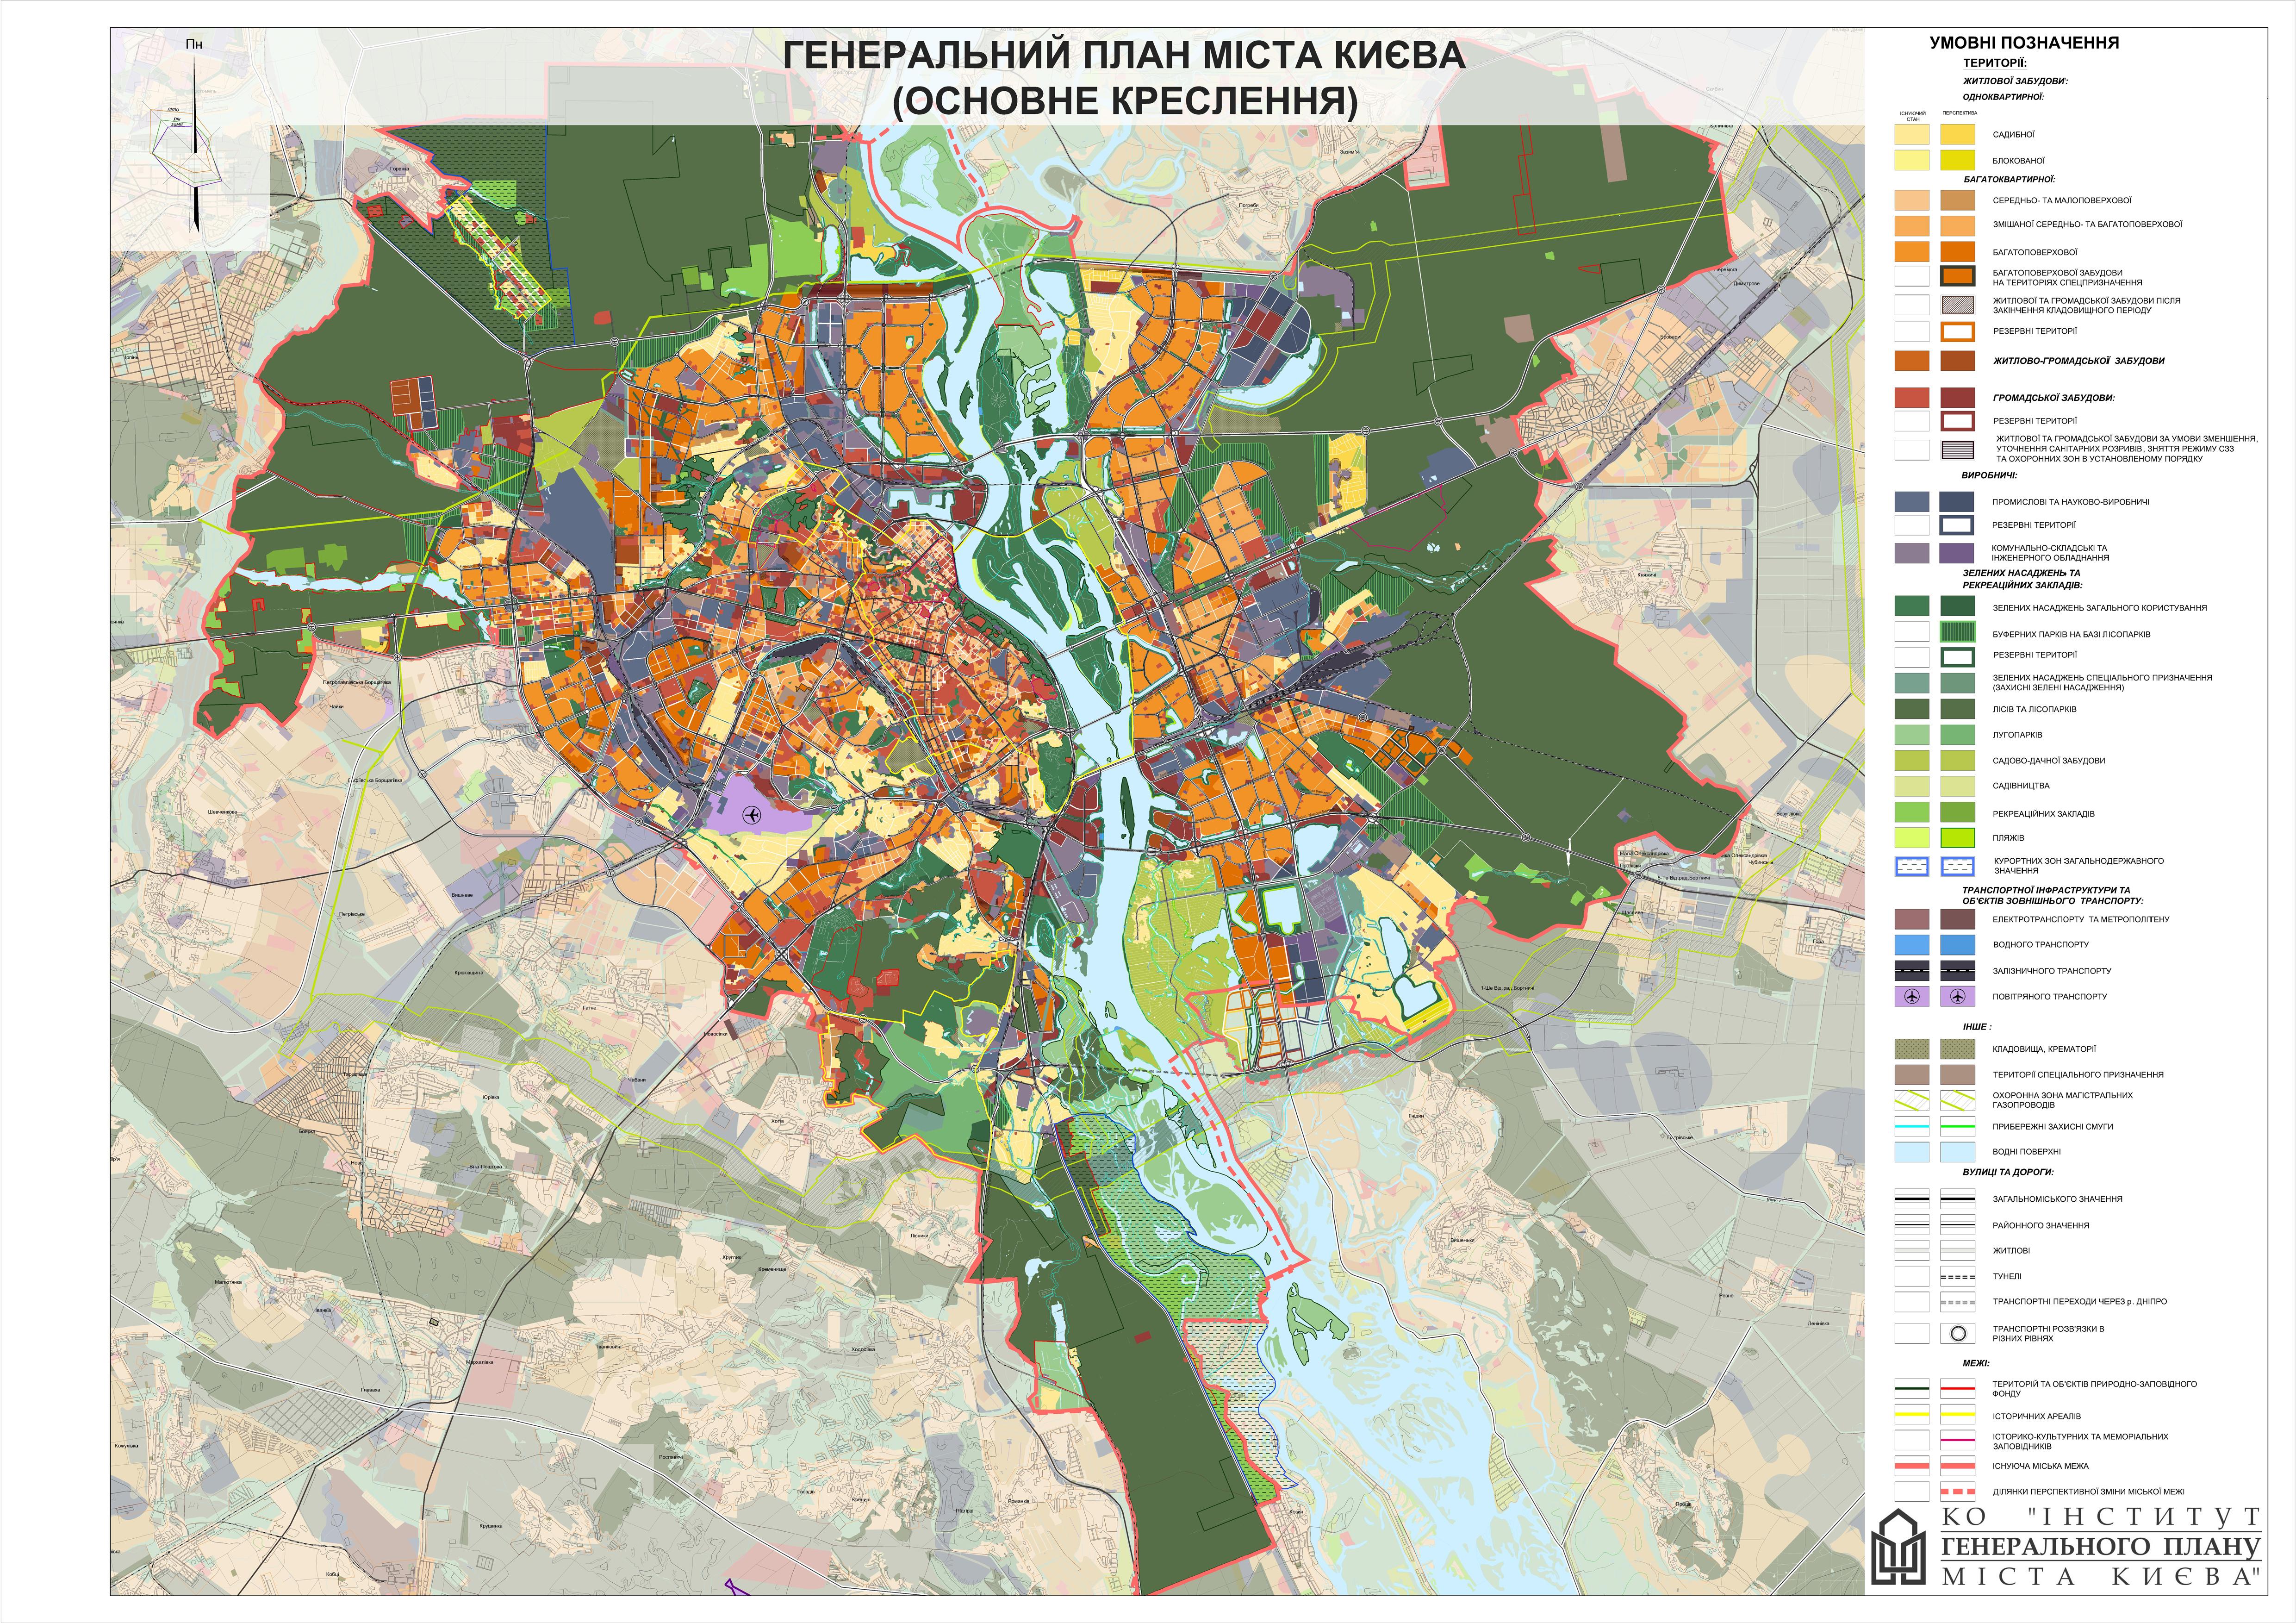 Генеральний план міста Києва